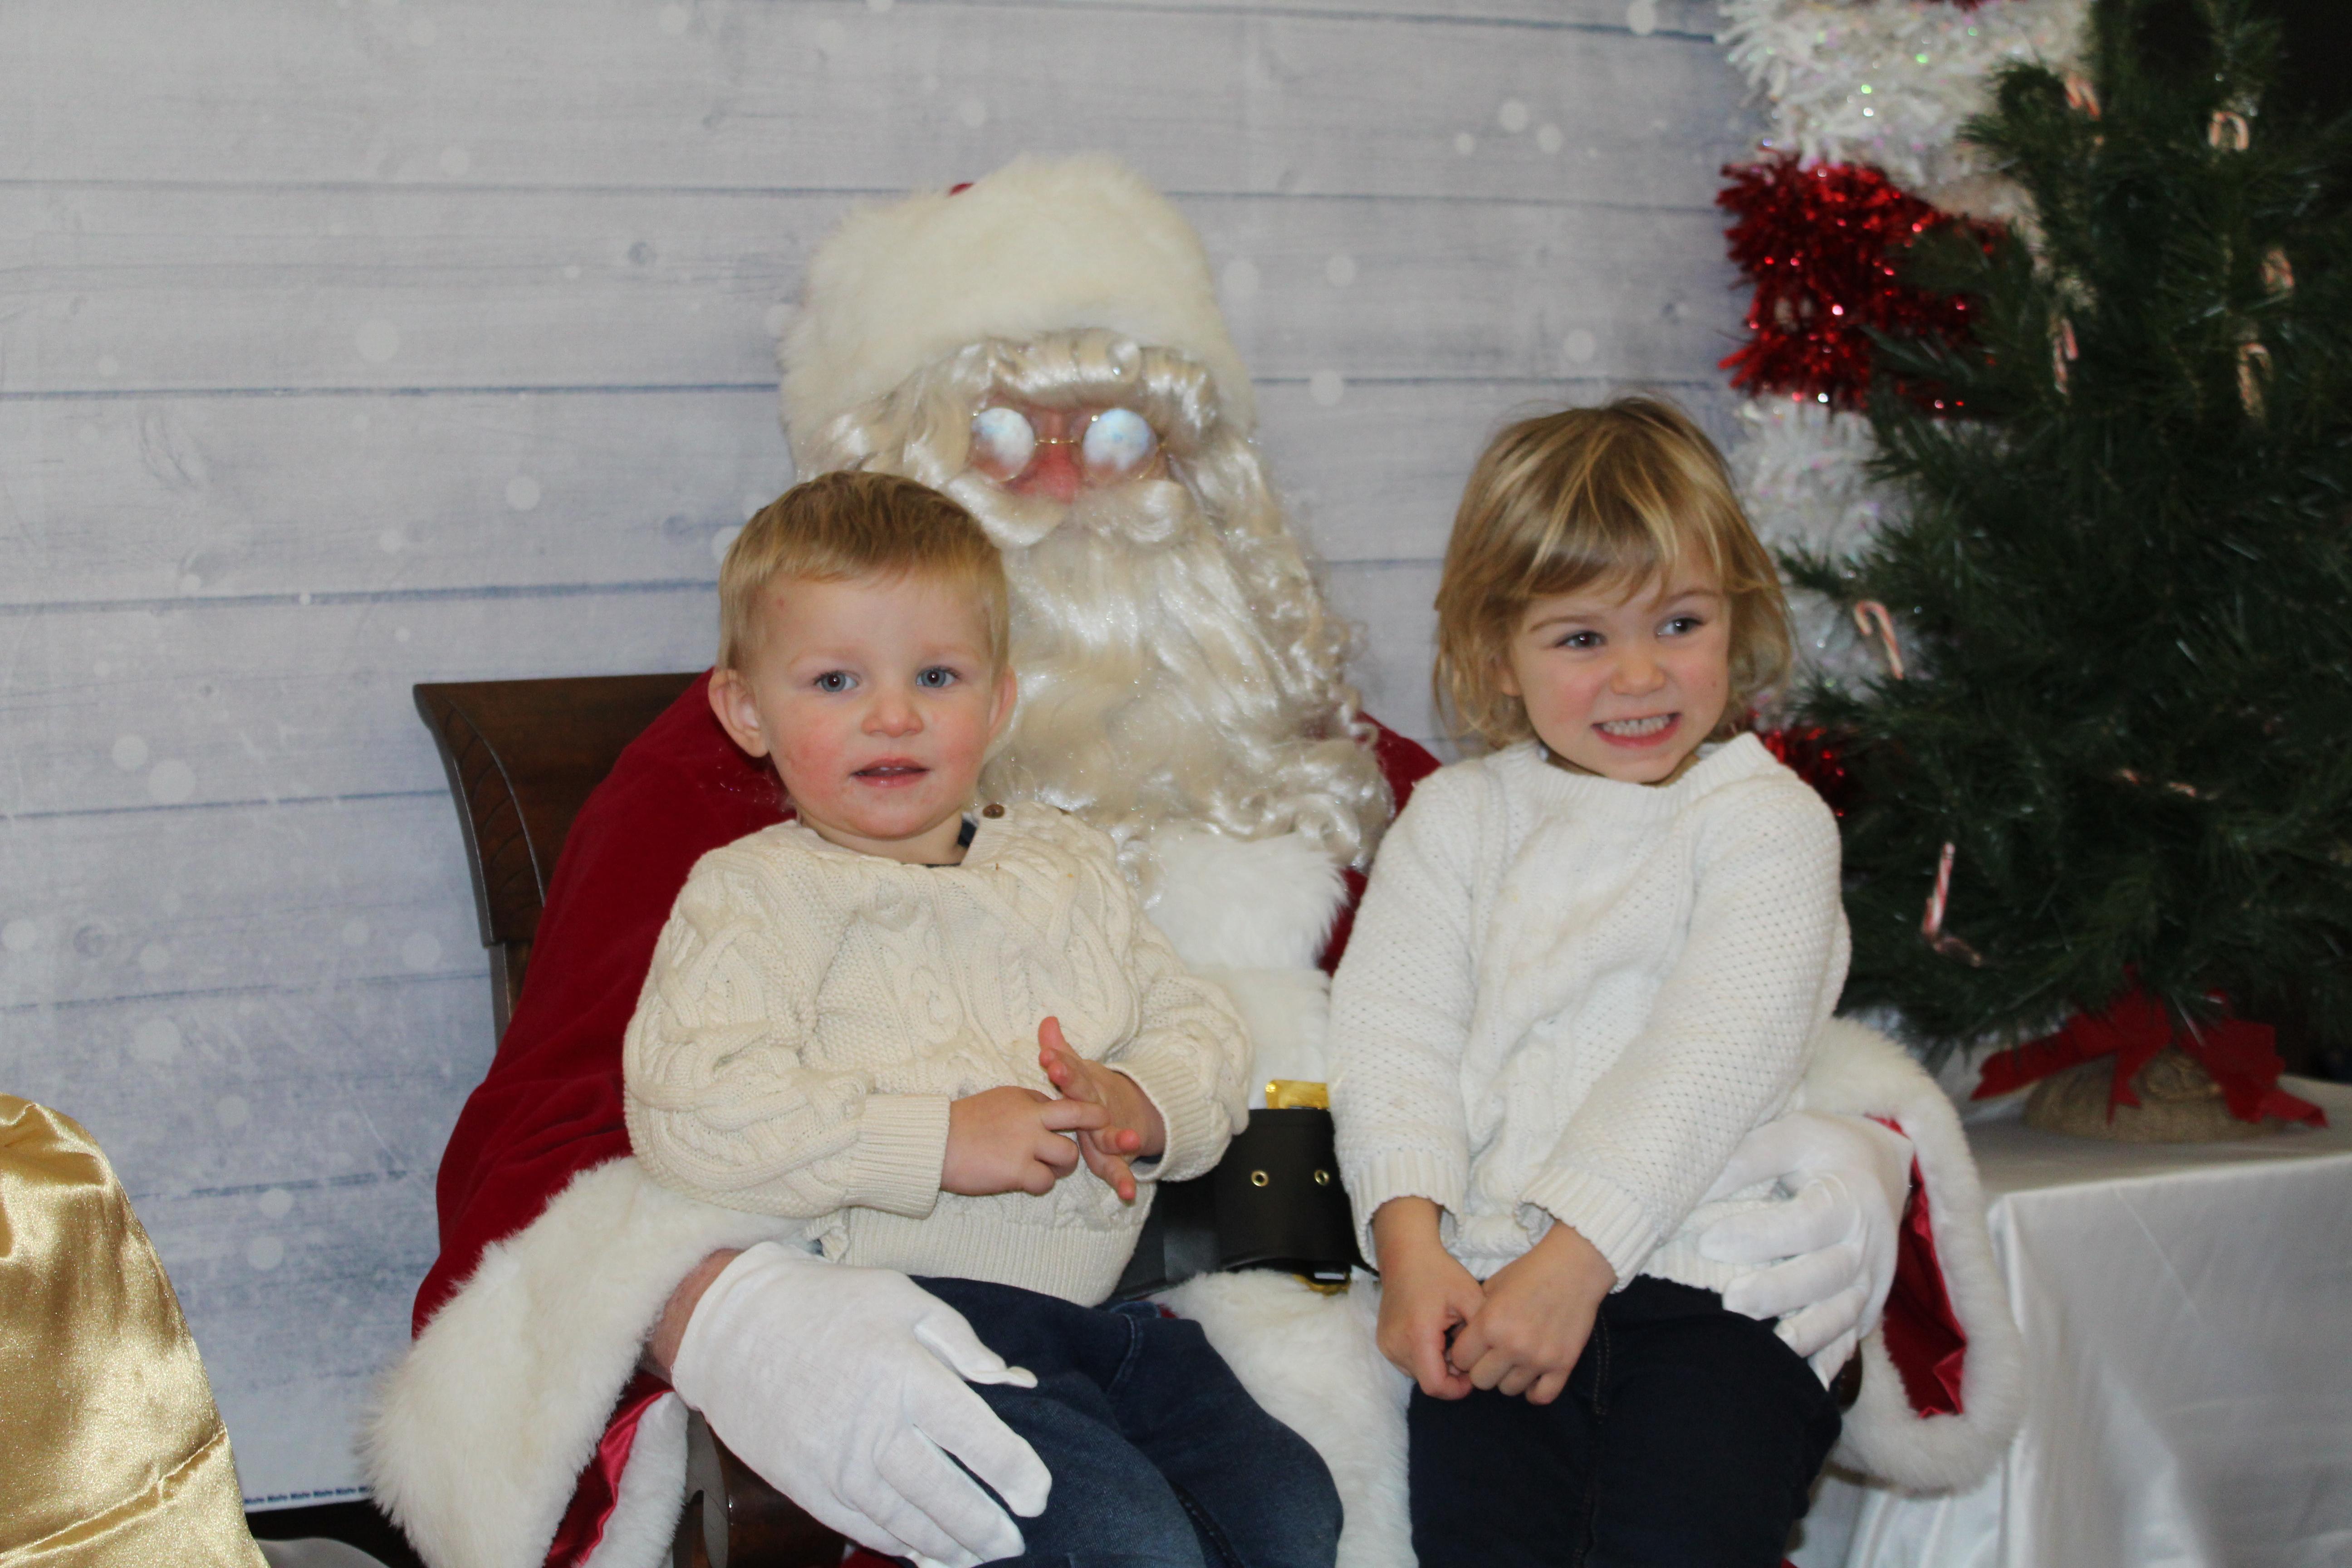 Children Visit with Santa at Christmas O